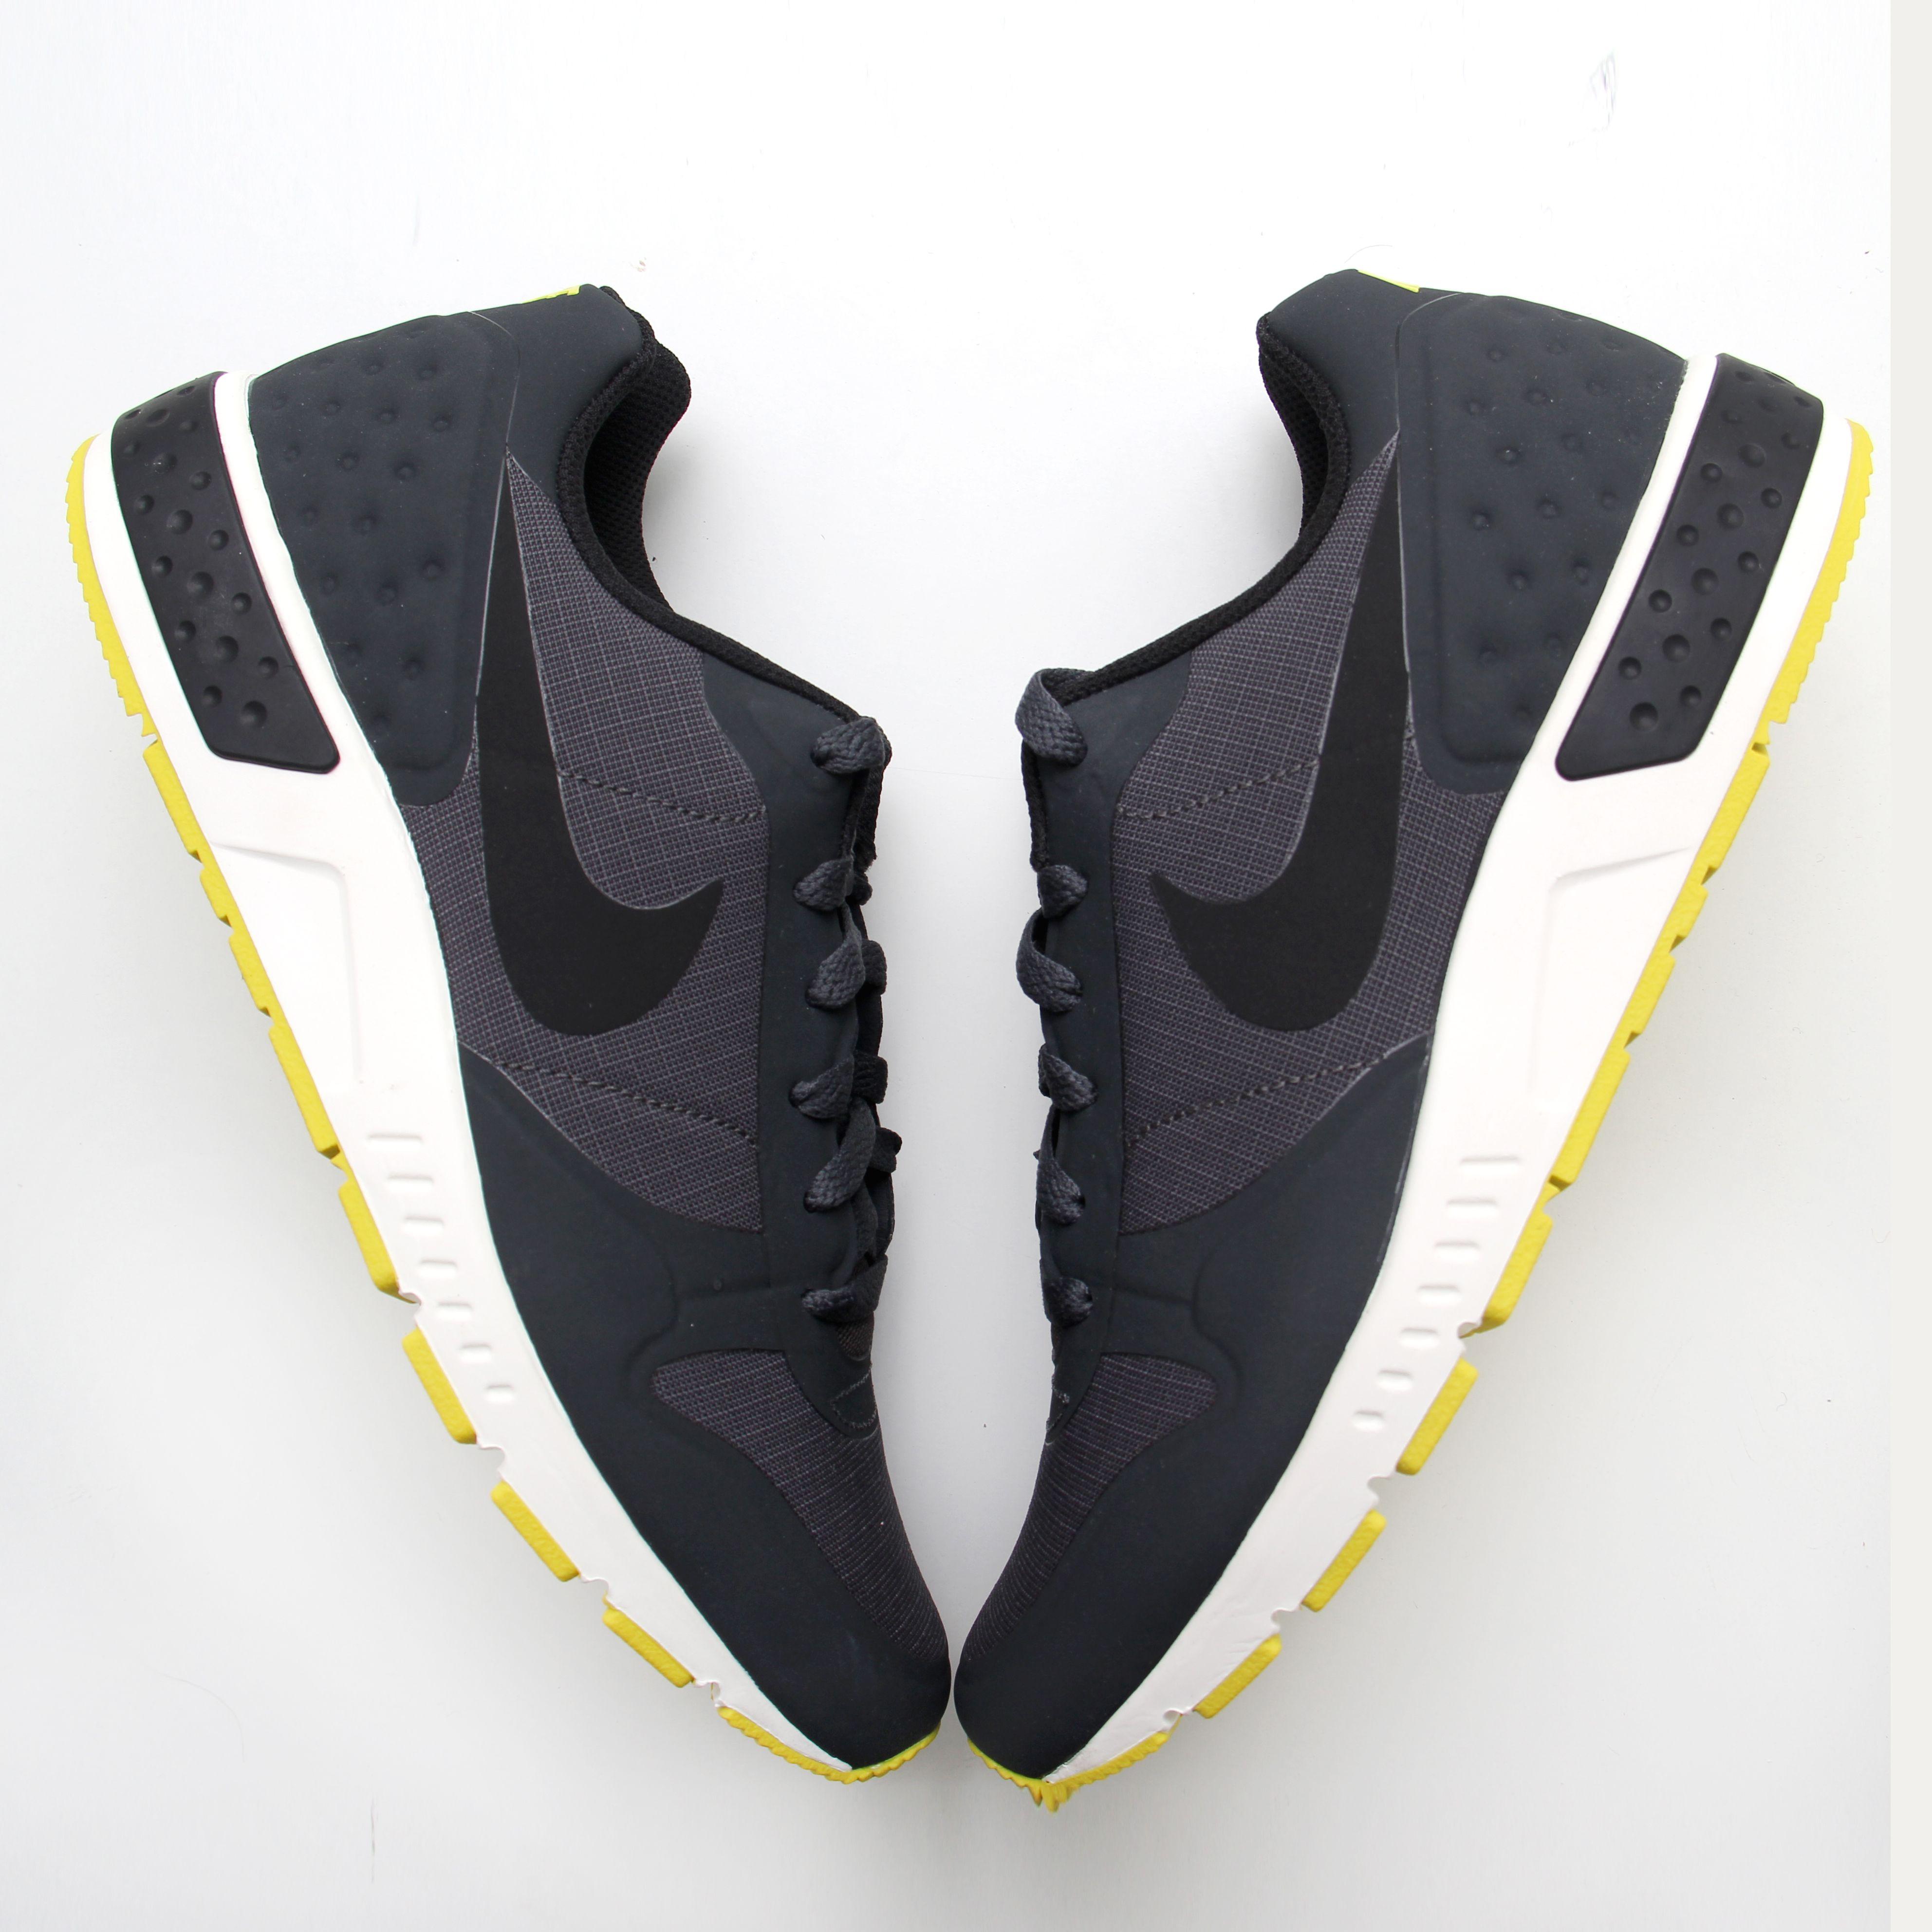 Nike Nightgazer Zapatillas Hombre Multicolor Hombre Zapatos